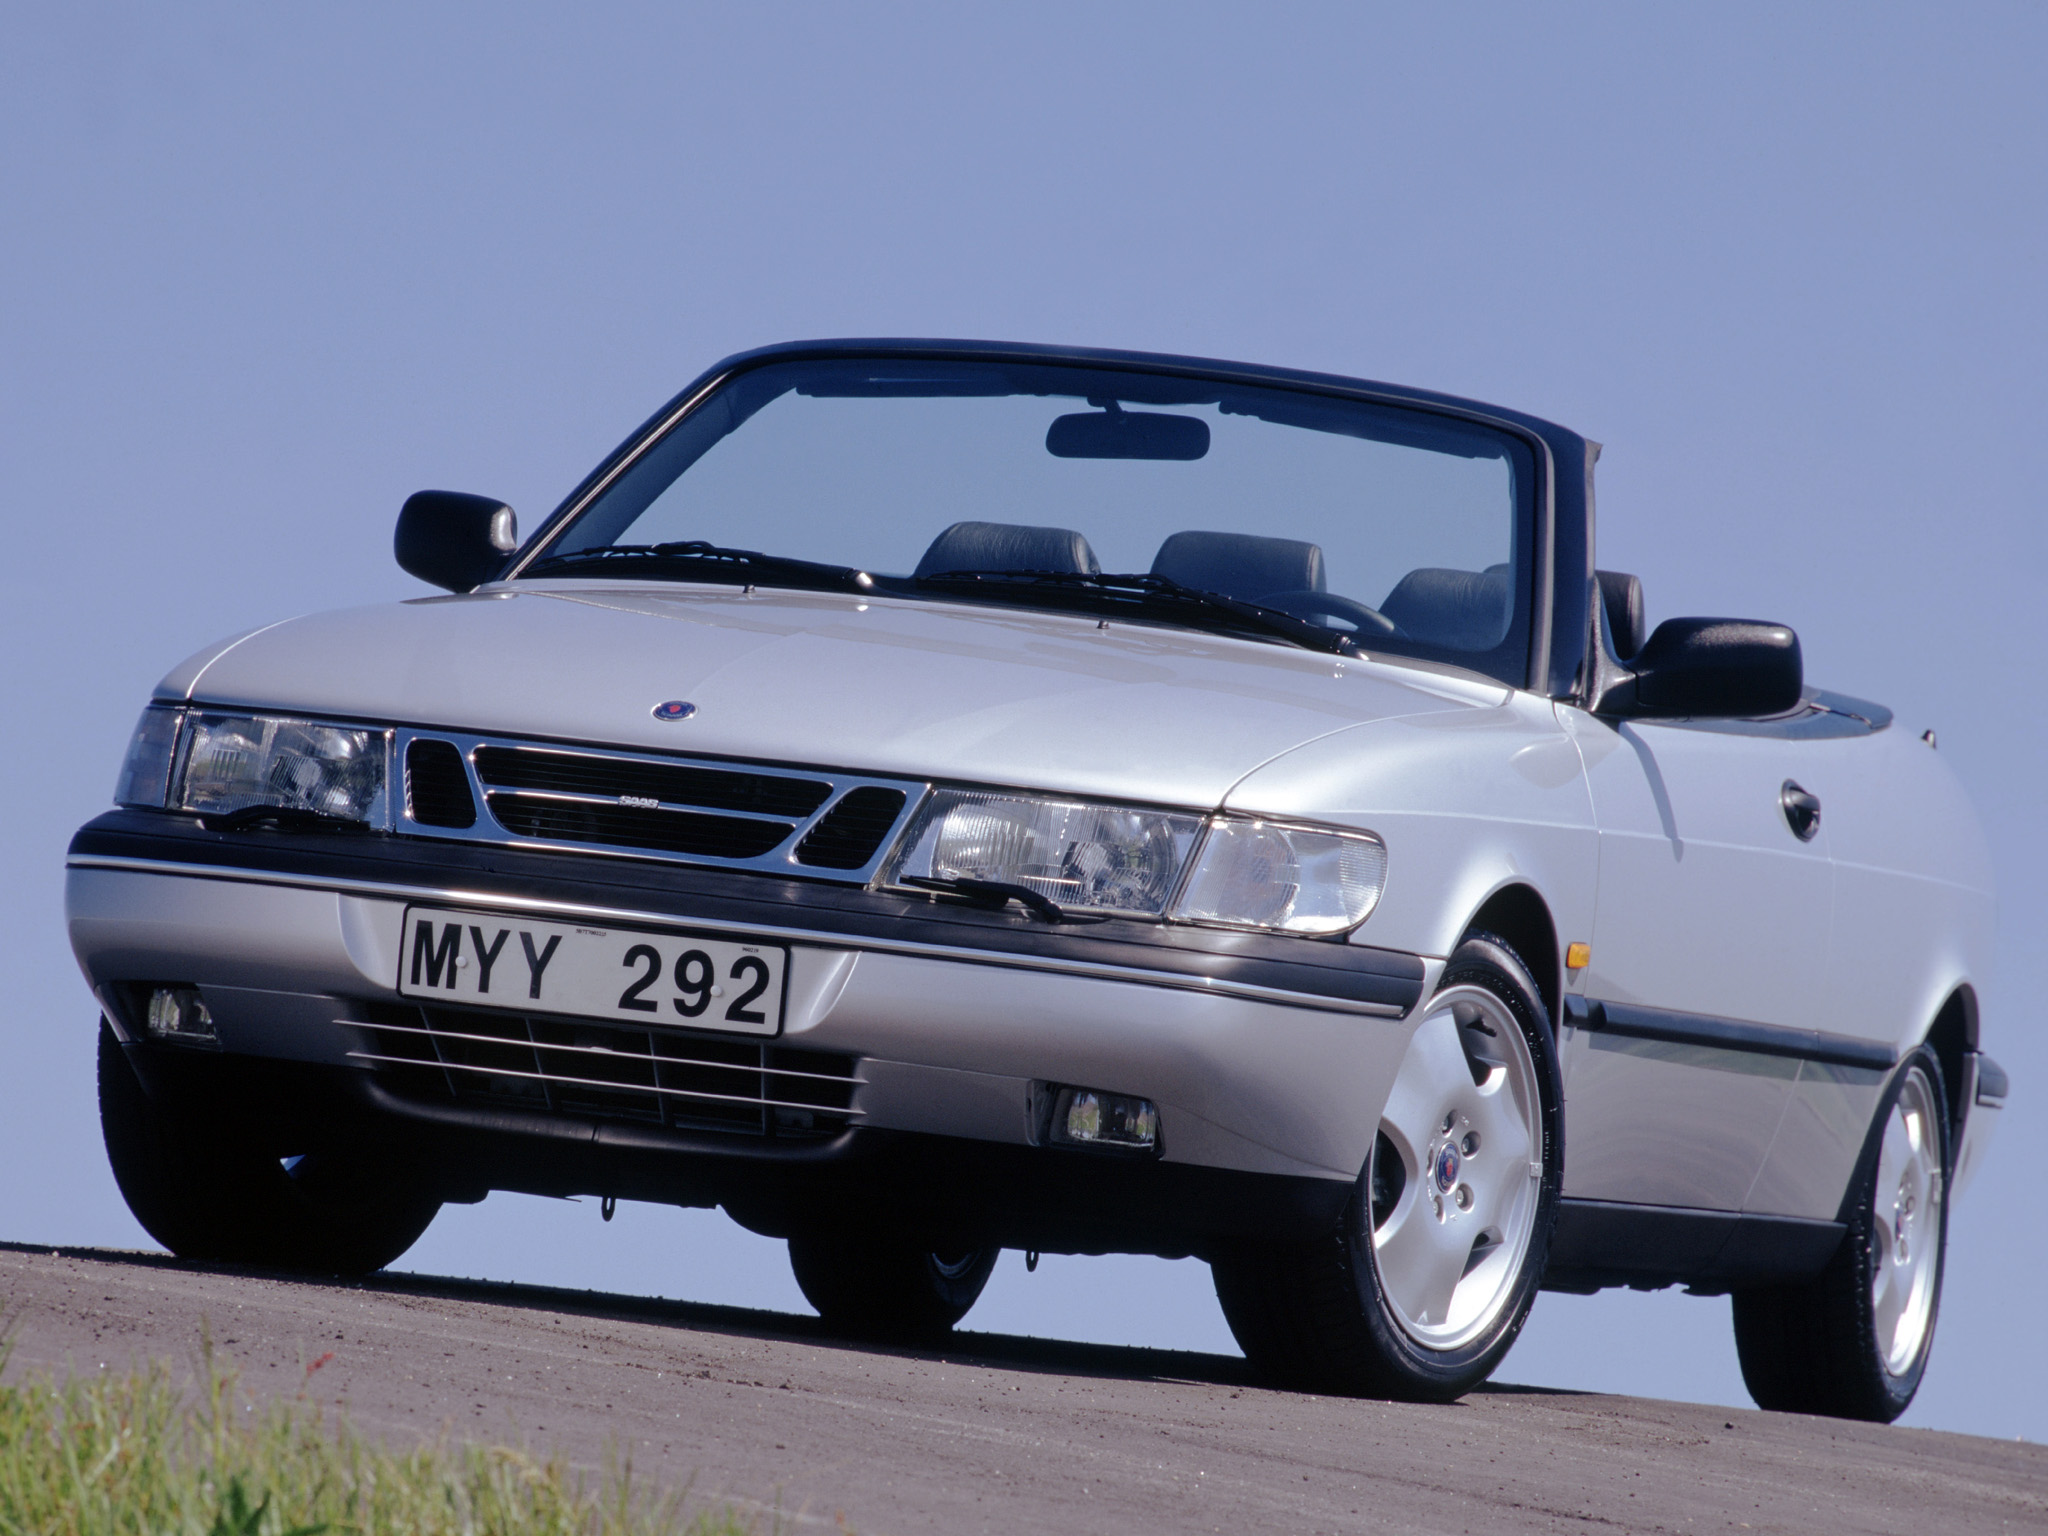 Andra generationens Saab 900 med premiär 1993, en relativt medelmåttig vagn men både kompetent och populär i det för USA så viktiga Cabriolet-utförandet (som på bilden).